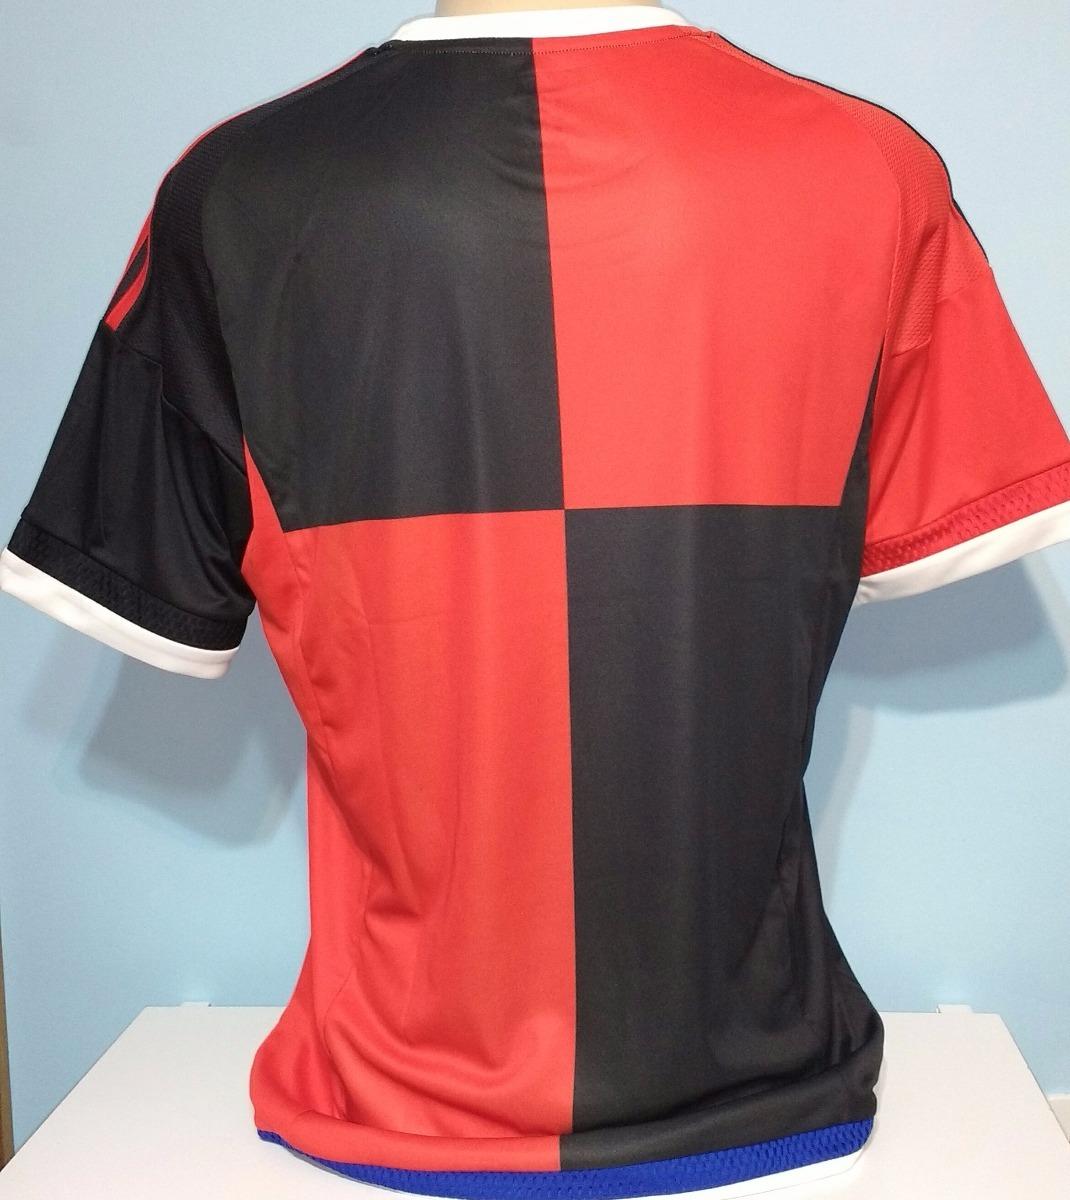 camisa flamengo 2015 papagaio de vintém original adidas - 19. Carregando  zoom. b9a2189ce092e